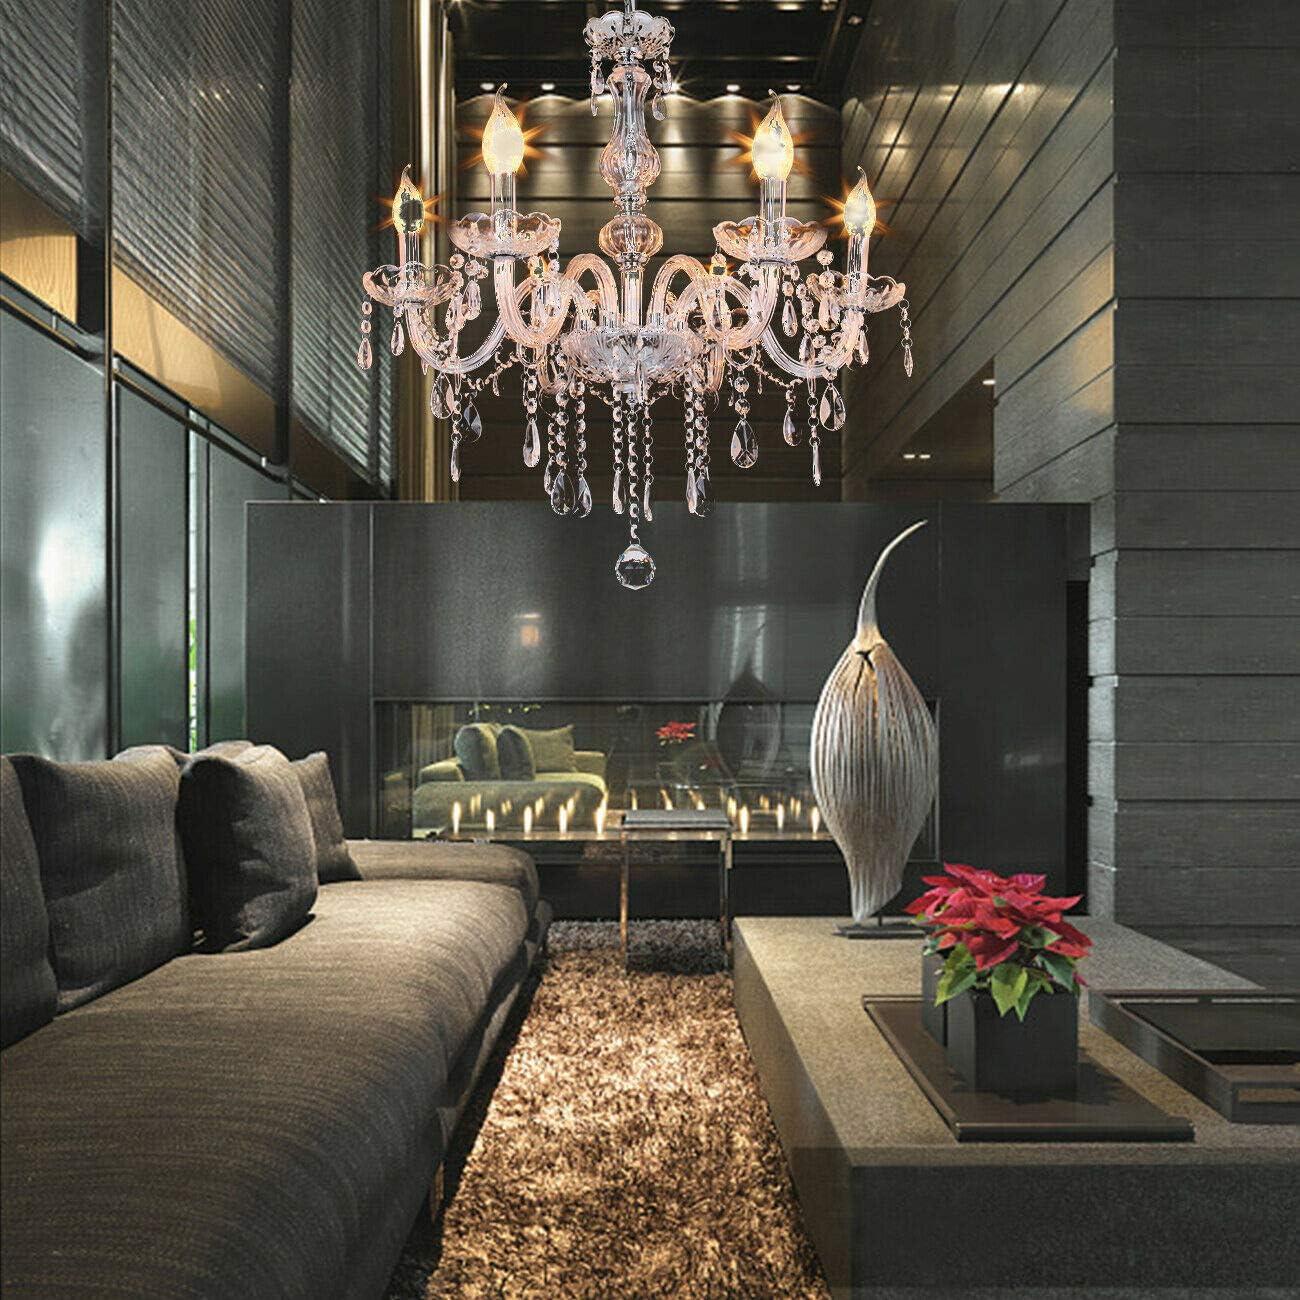 Samger Araña de 6 brazos Cristal K9 Lámpara de techo Lámpara Colgante E14 para la entrada del pasillo del dormitorio de la sala de estar: Amazon.es: Iluminación